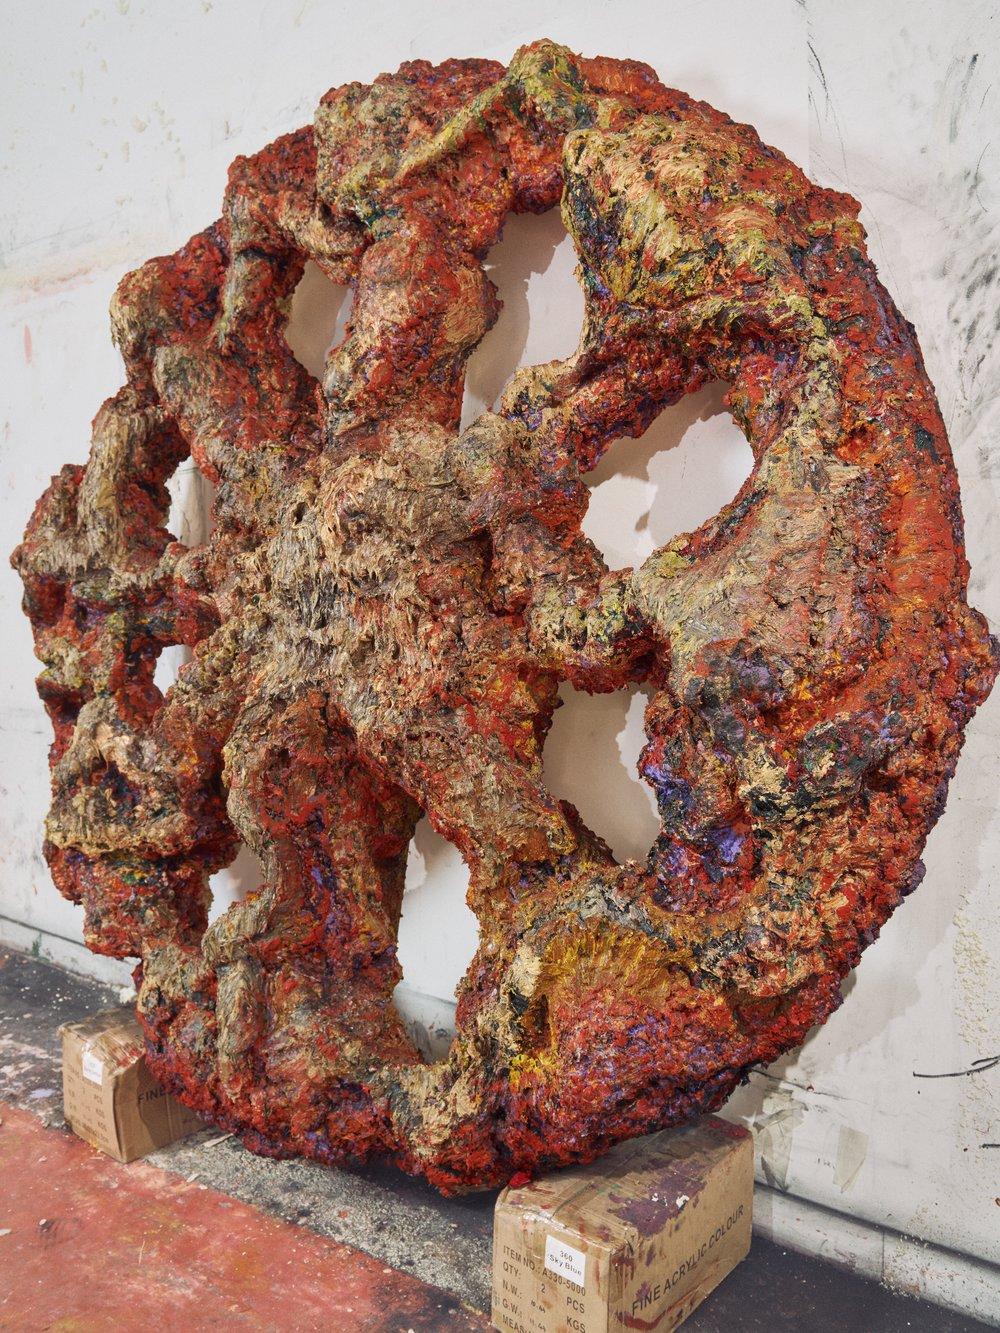 Earth wheel, 2018 Oil, gesso, acrylic, polyurethane foam on wood  220 x 220 x 40 cm